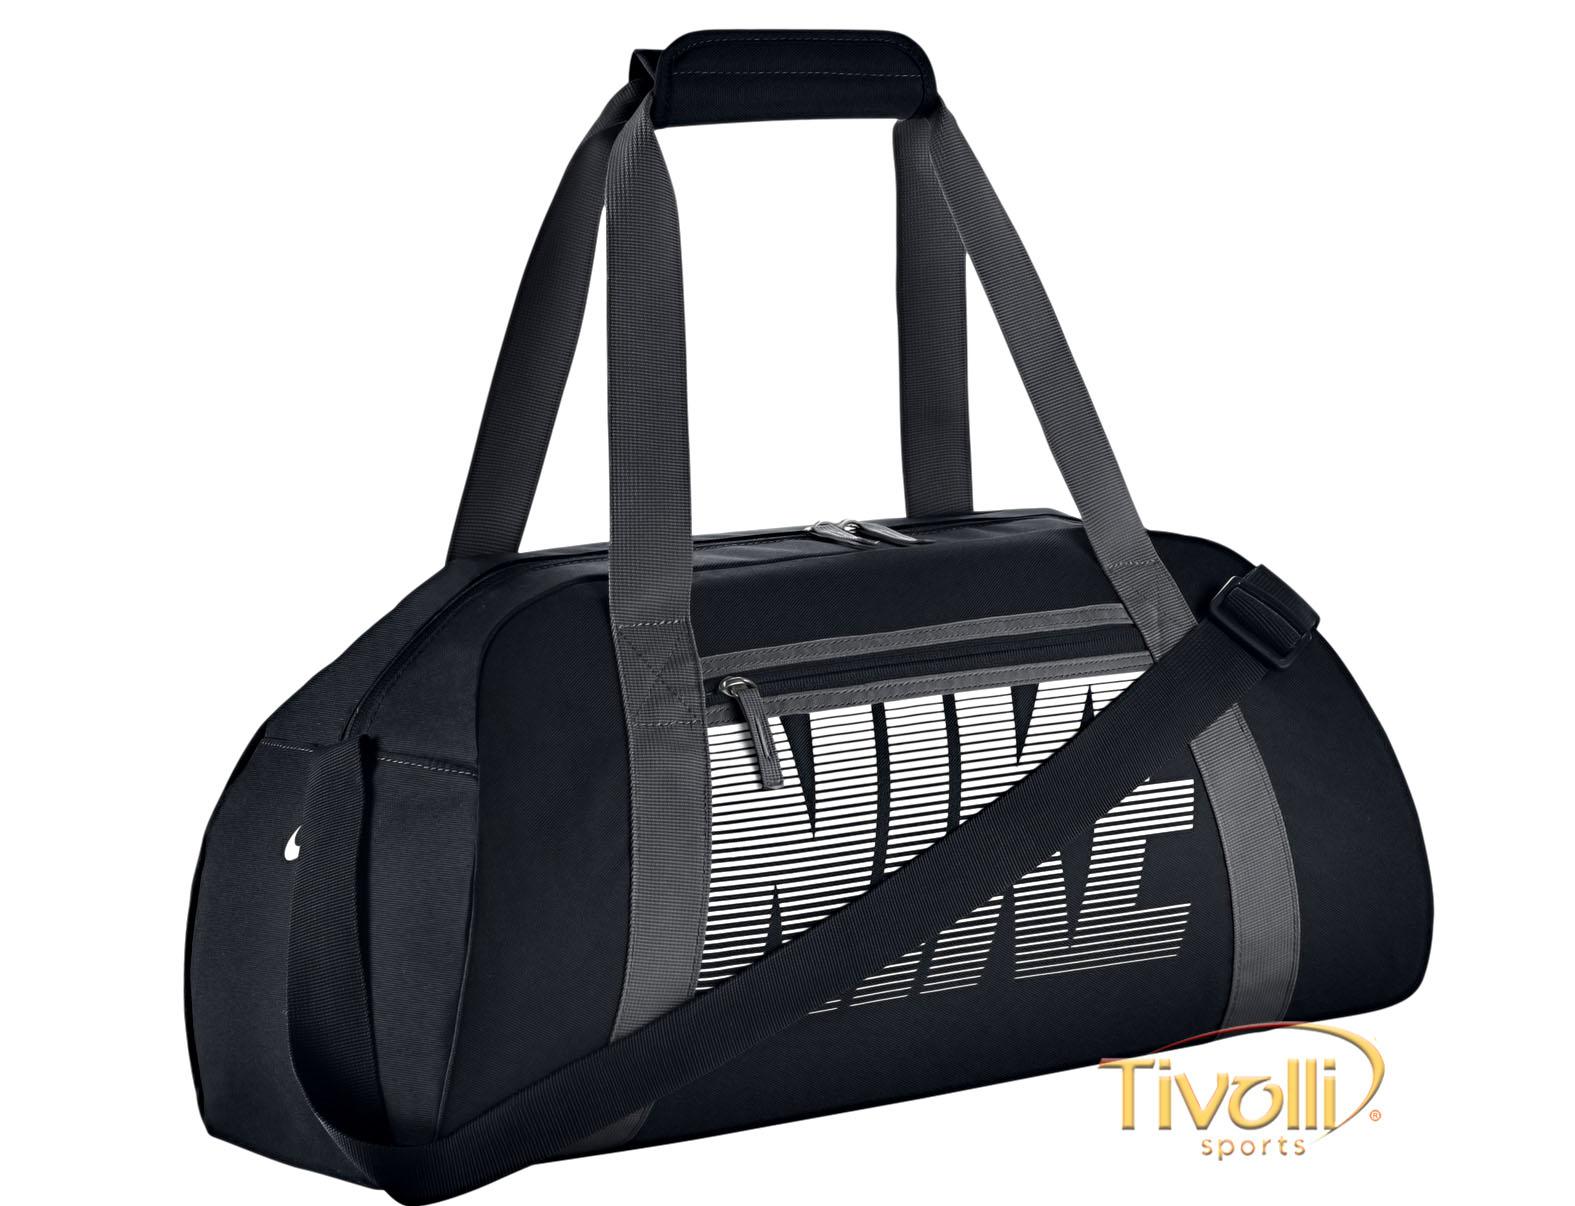 ef05bf4b5 Raquete Mania > Bolsa Nike Gym Club Training Duffel Bag > Preta